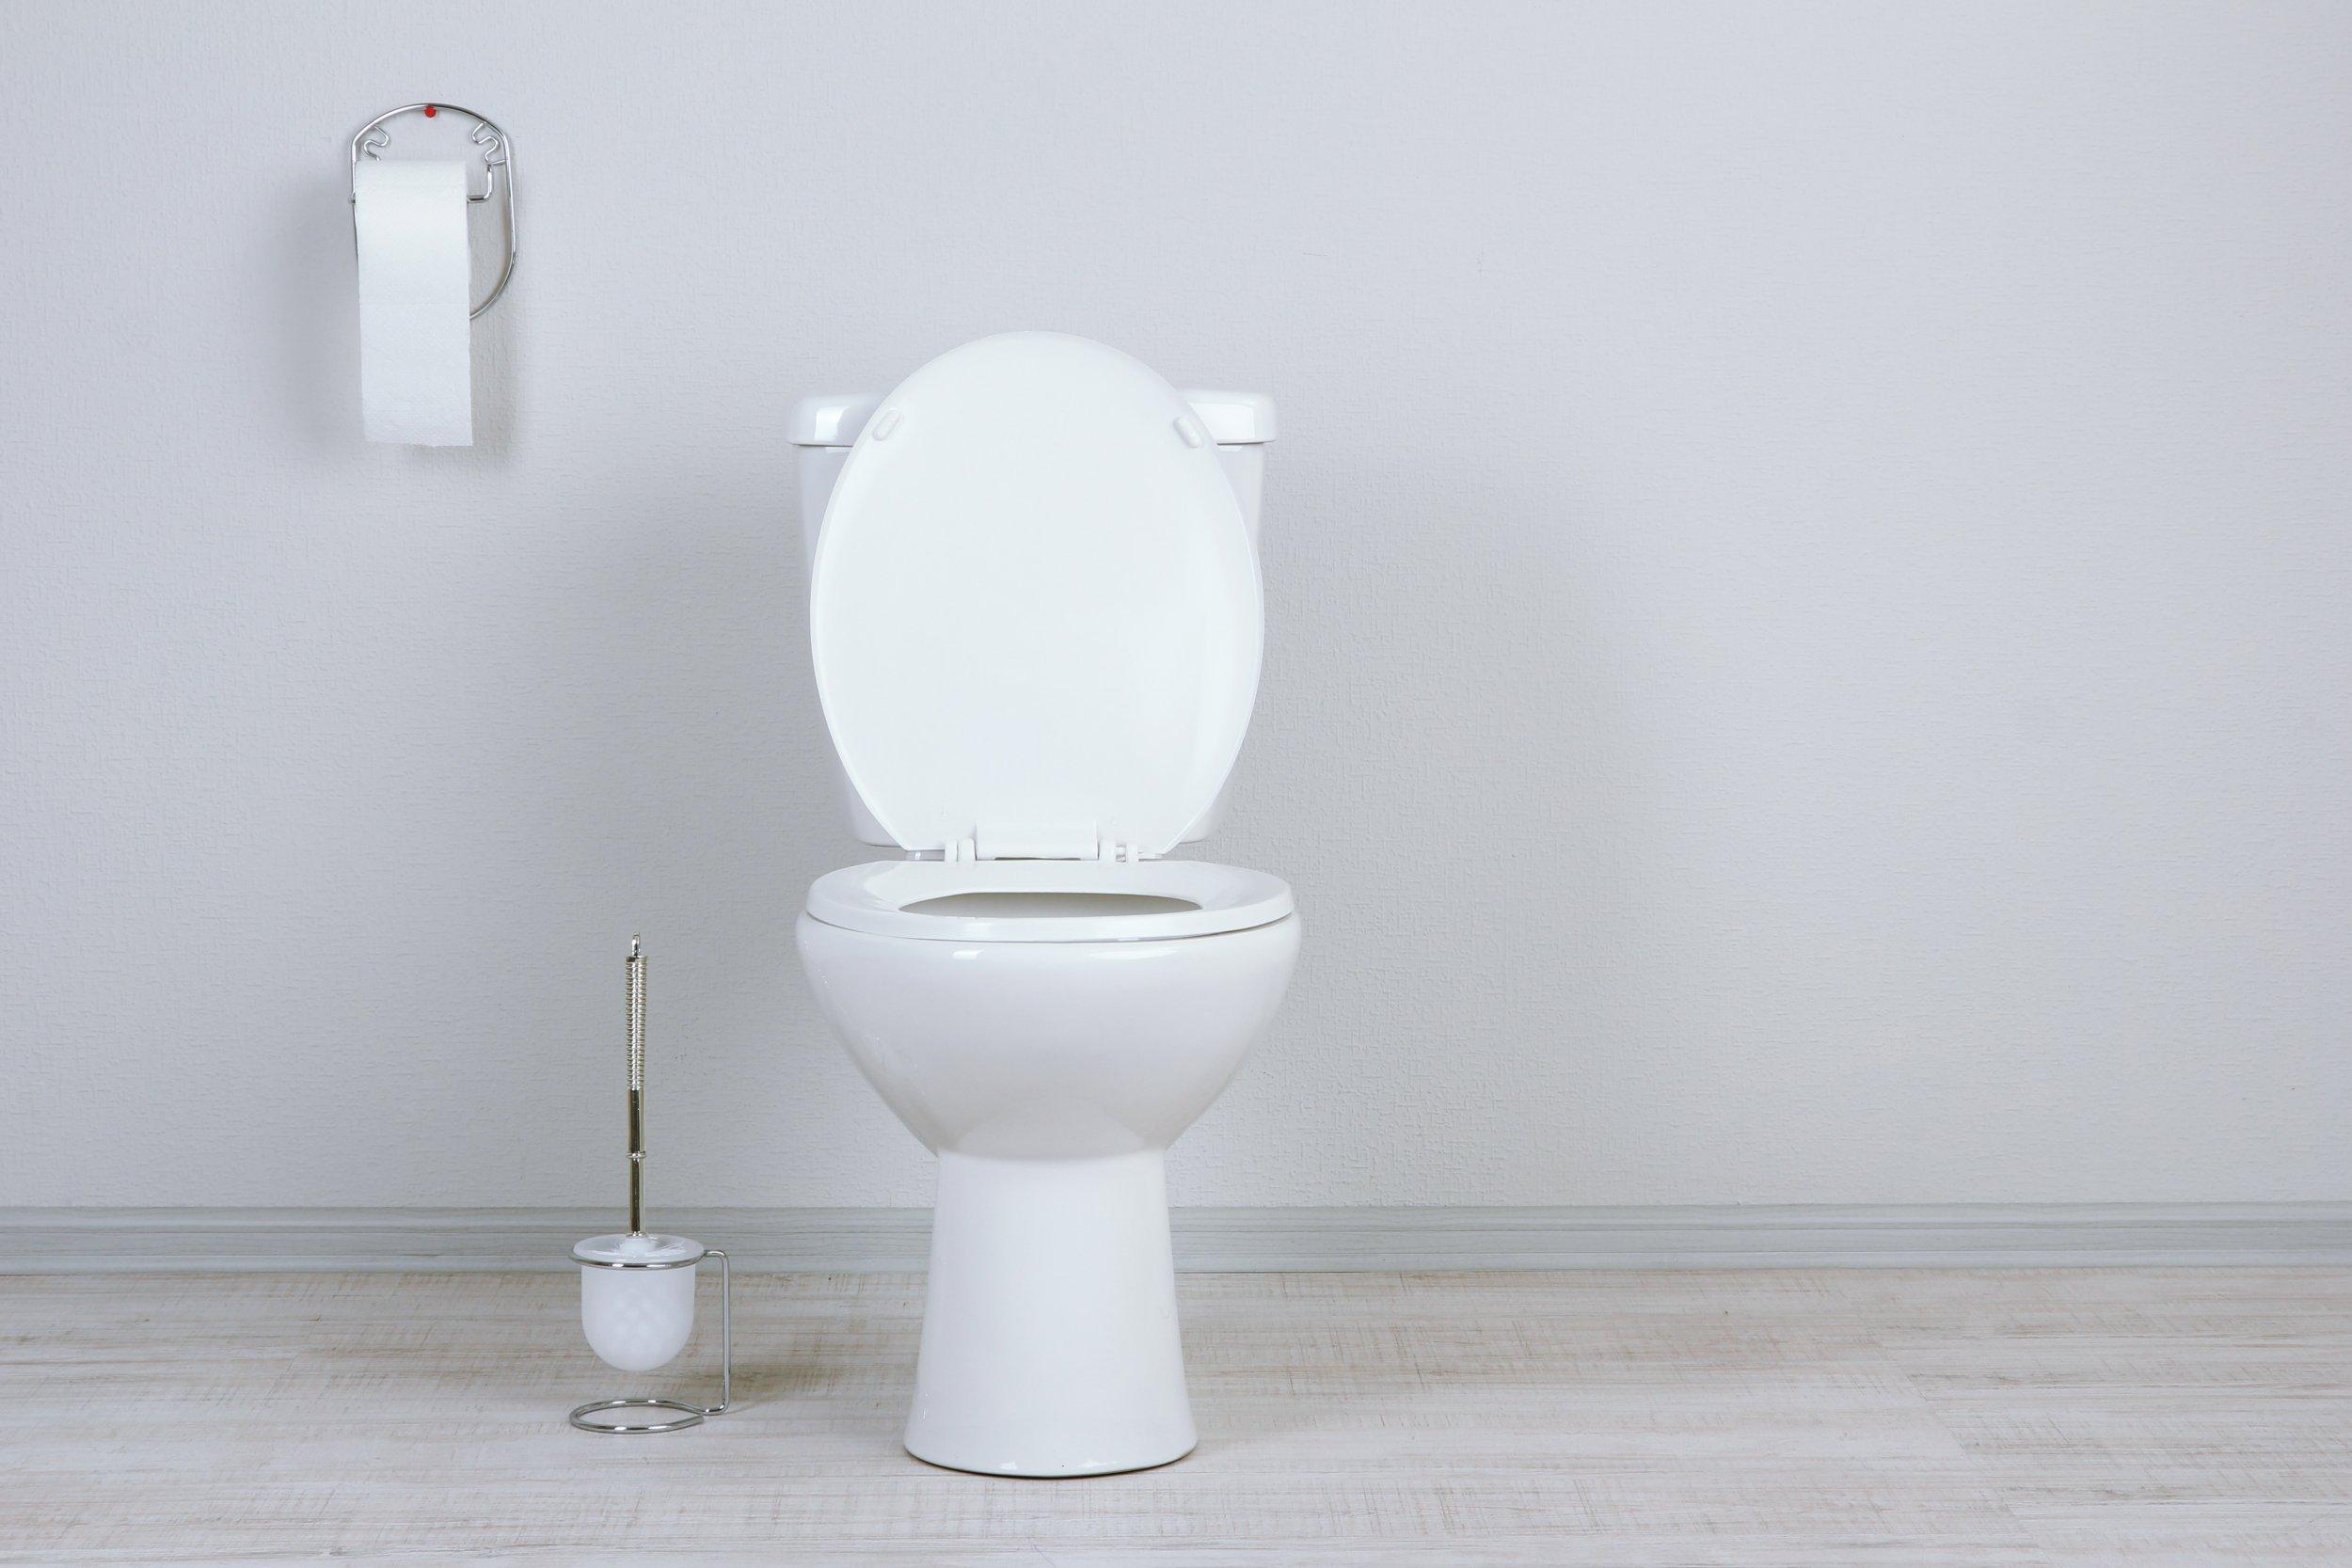 Florida Man, toilet